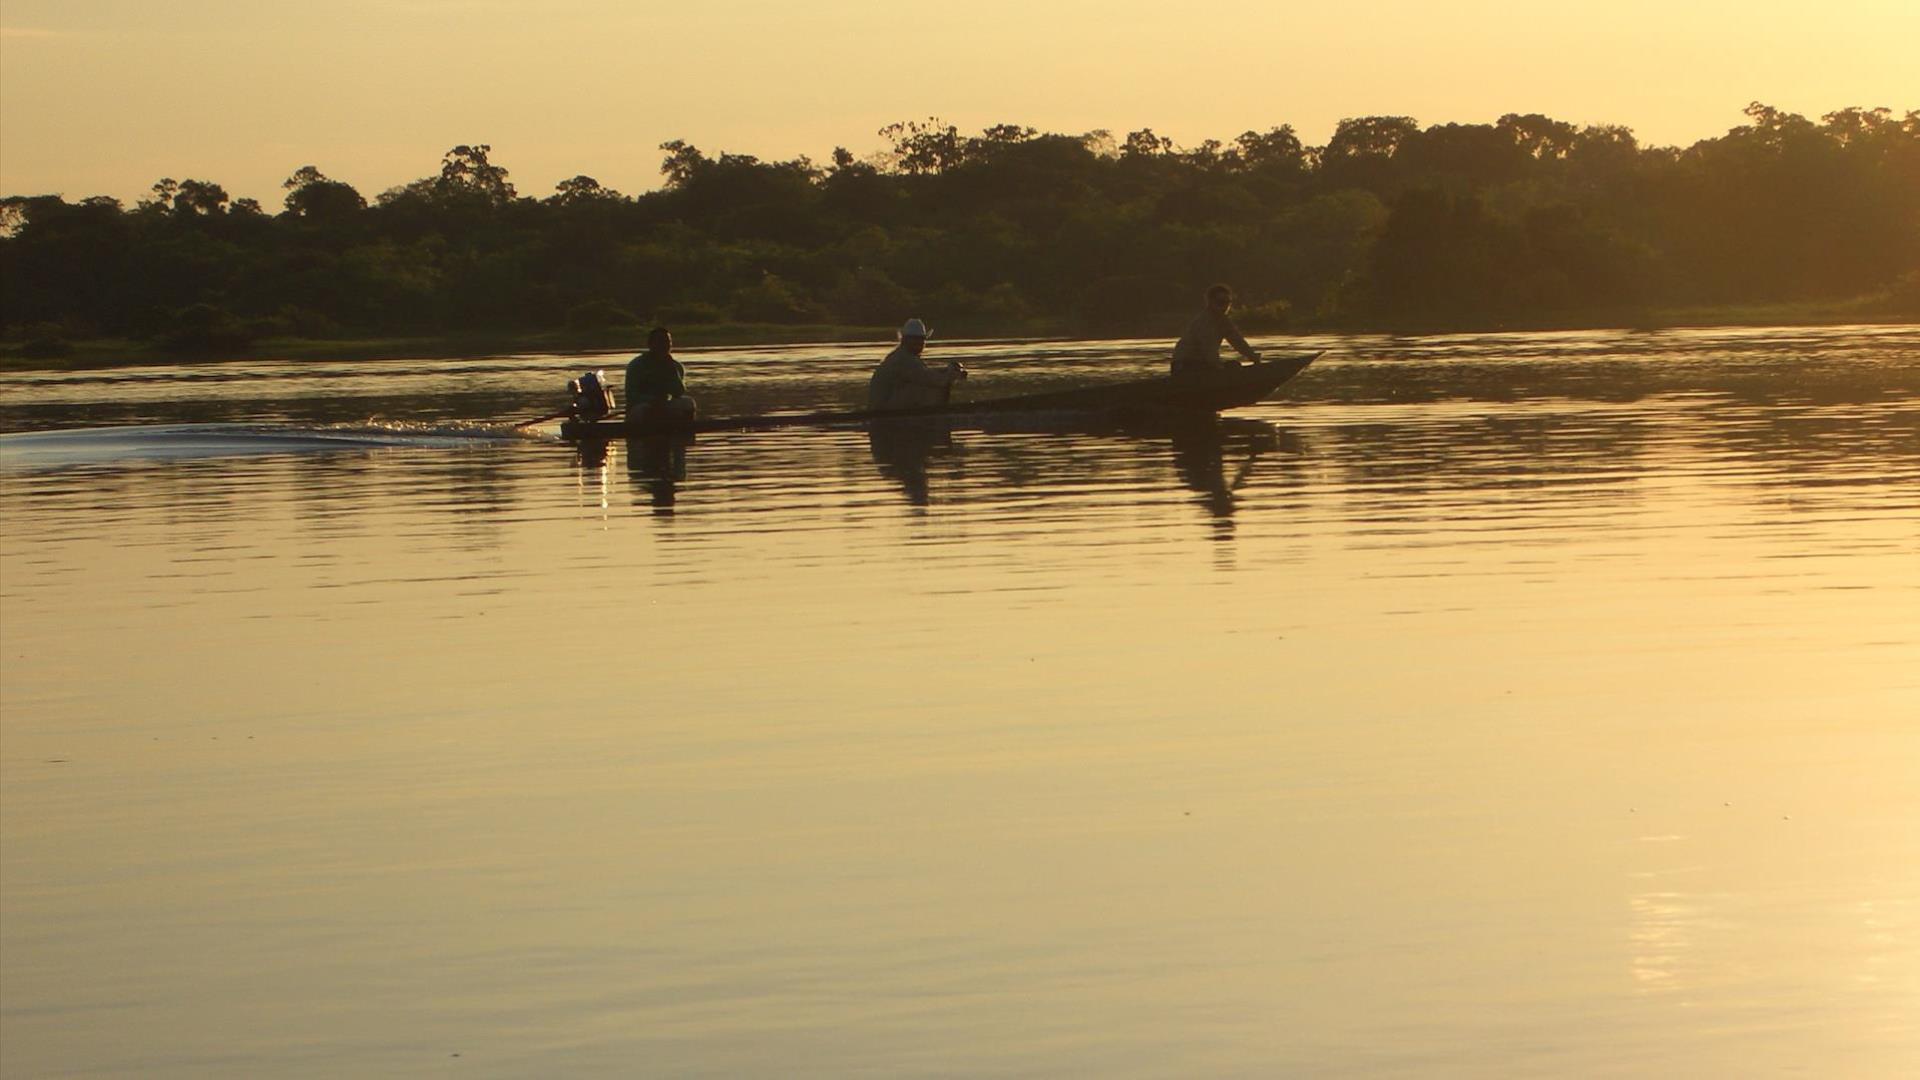 Brasilien Amazonas: 12 Tage Aktivreise in Kleingruppe - Survival Tour Amazonas